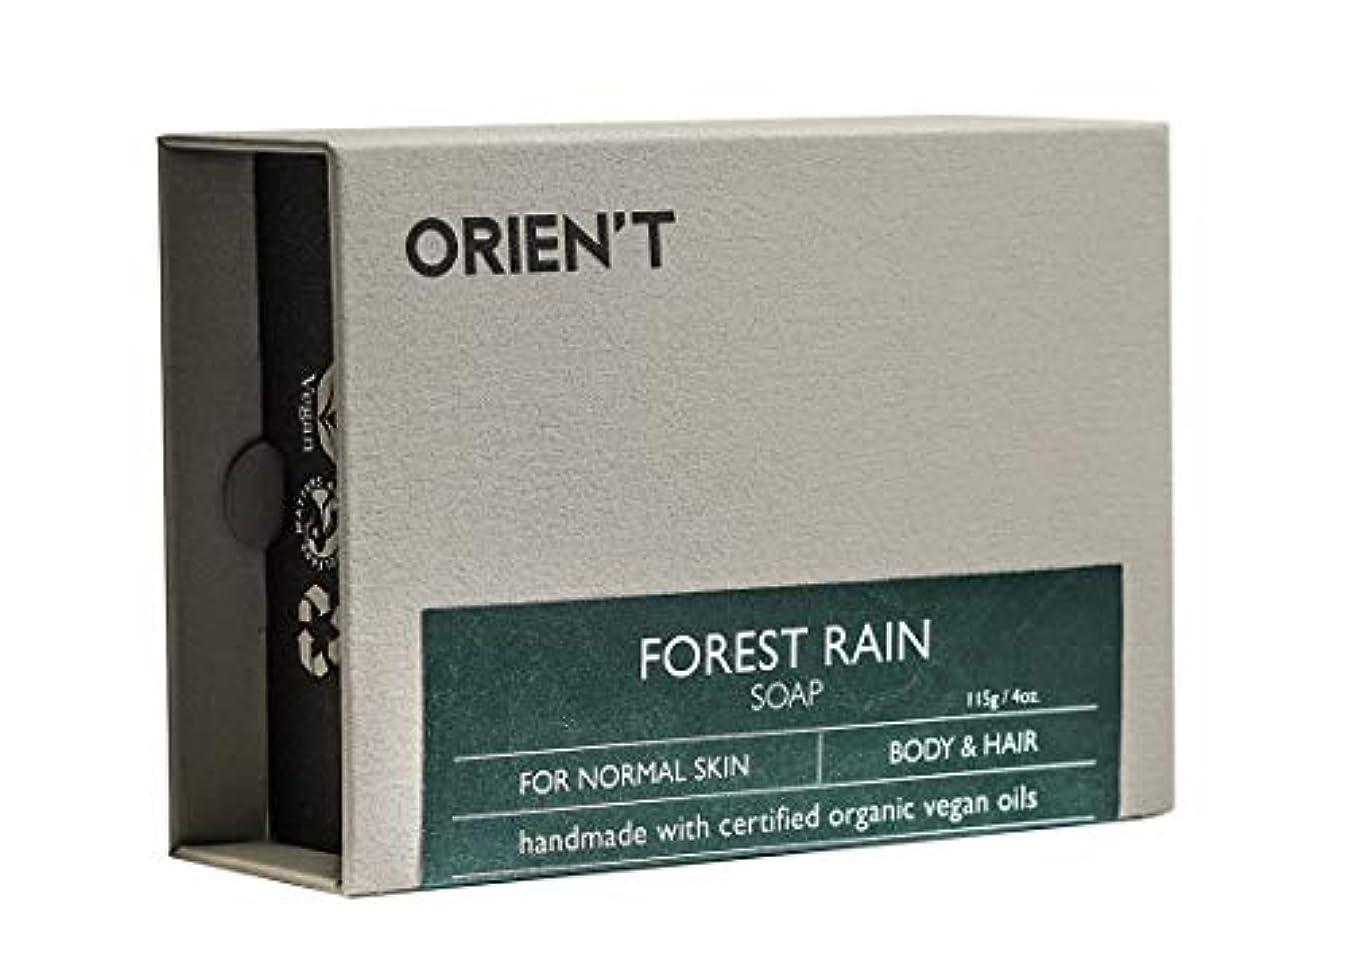 煙突間サスペンション【 ORIEN'T Forest Rain Soap 】「霖」手工皂、ECOCERTオーガニック認定原料